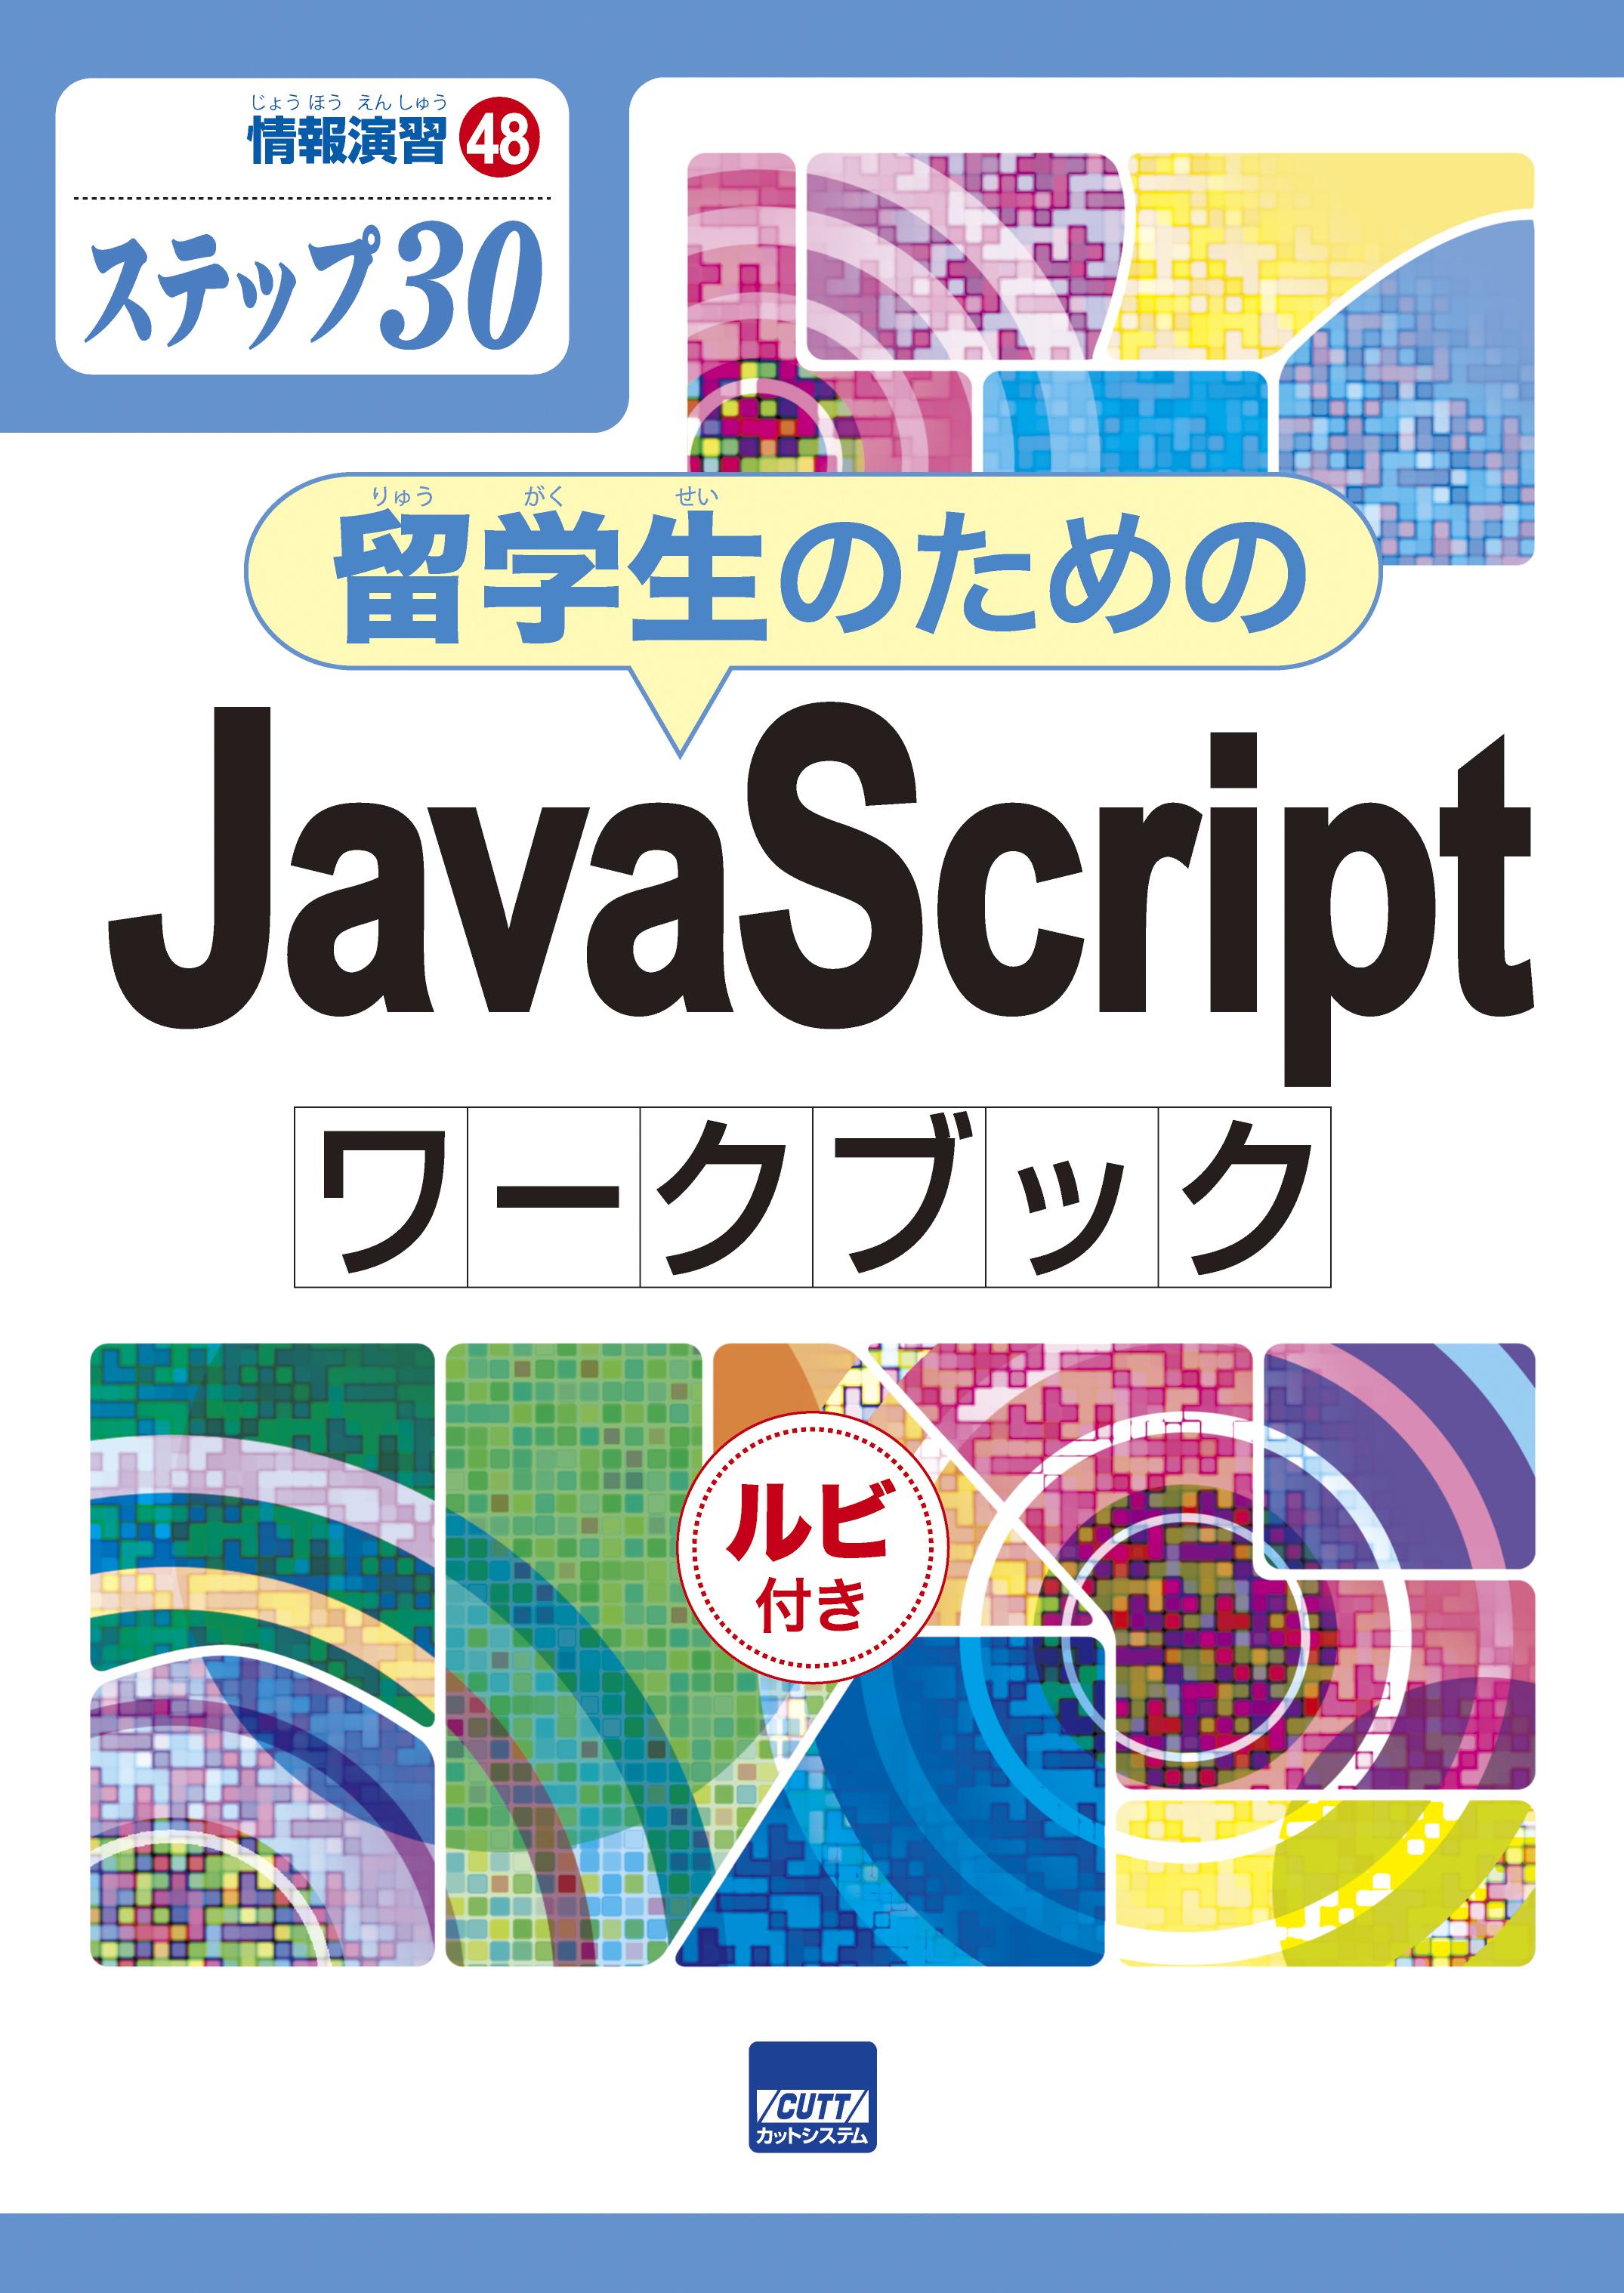 情報演習㊽ステップ㉚留学生のためのJavaScriptワークブック ルビ付き 画像